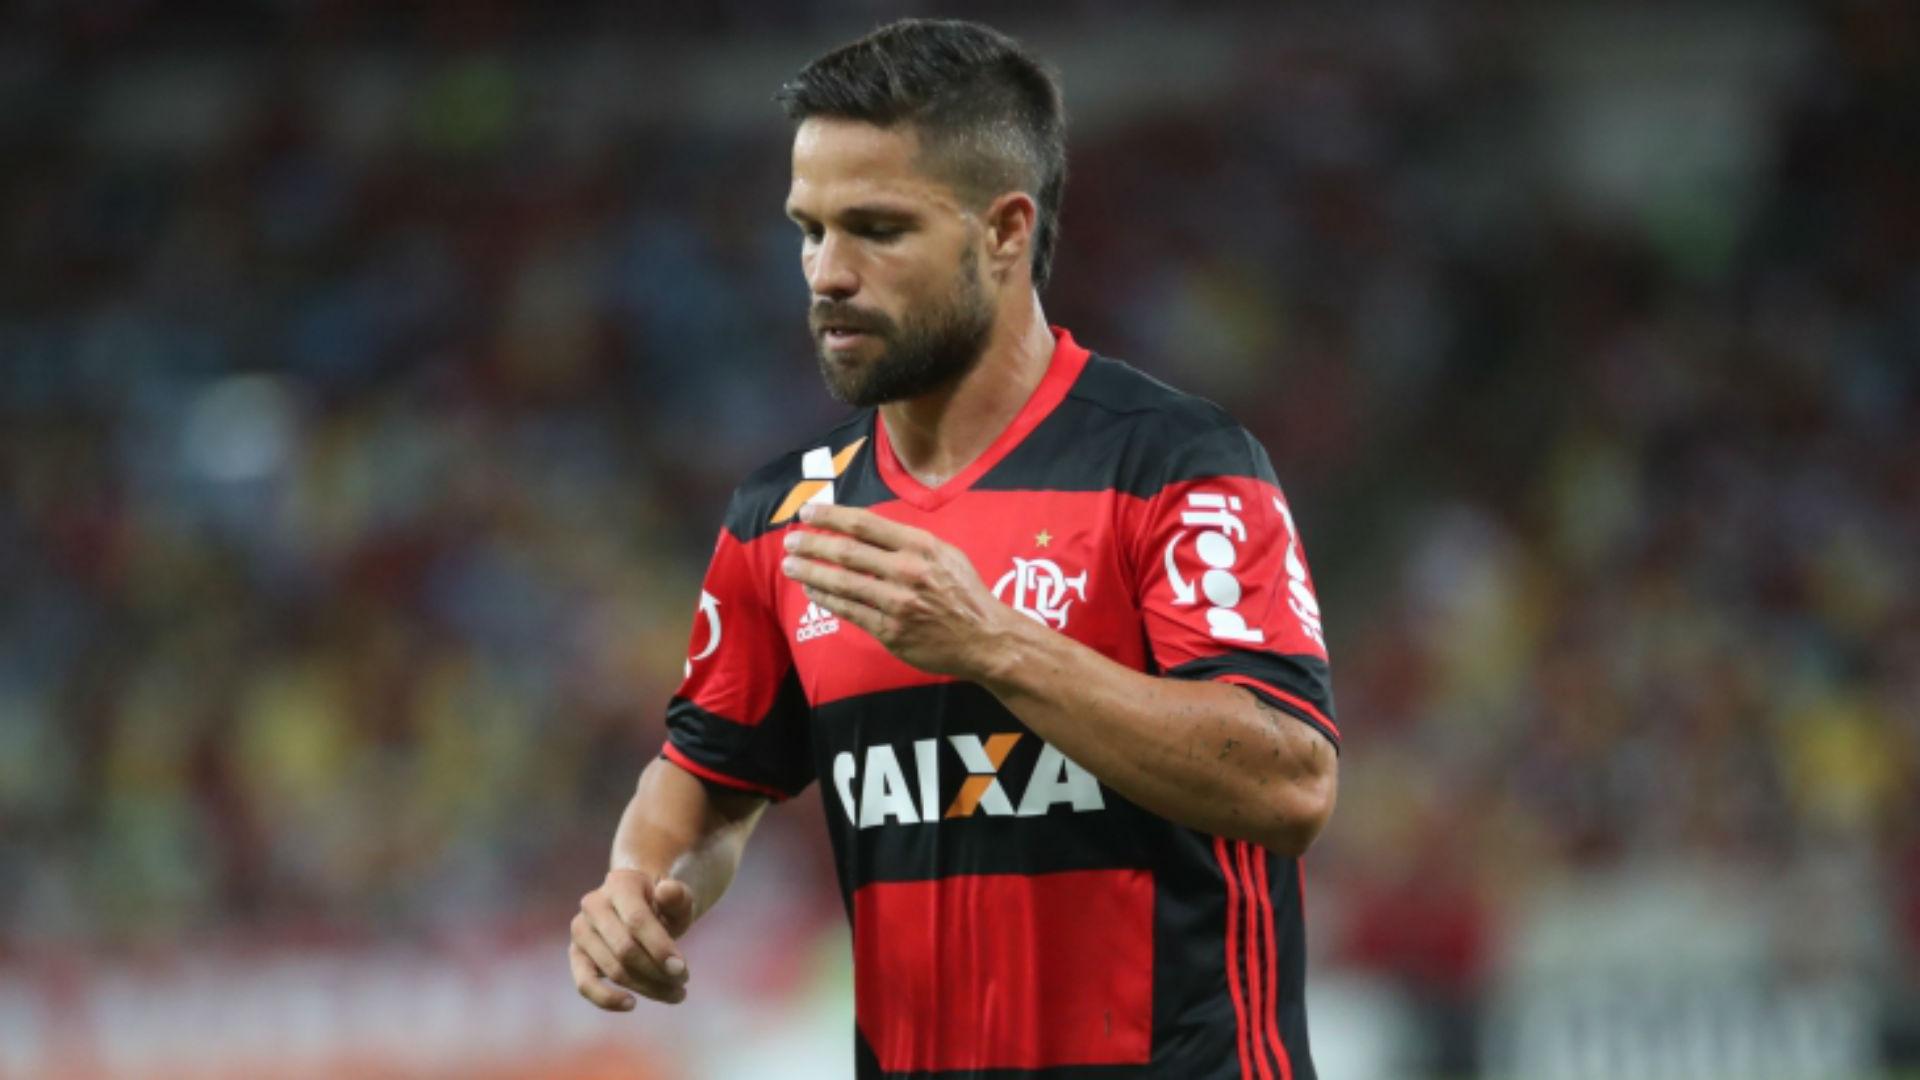 Diego Ribas Flamengo Coritiba Brasileiro 21 11 2016